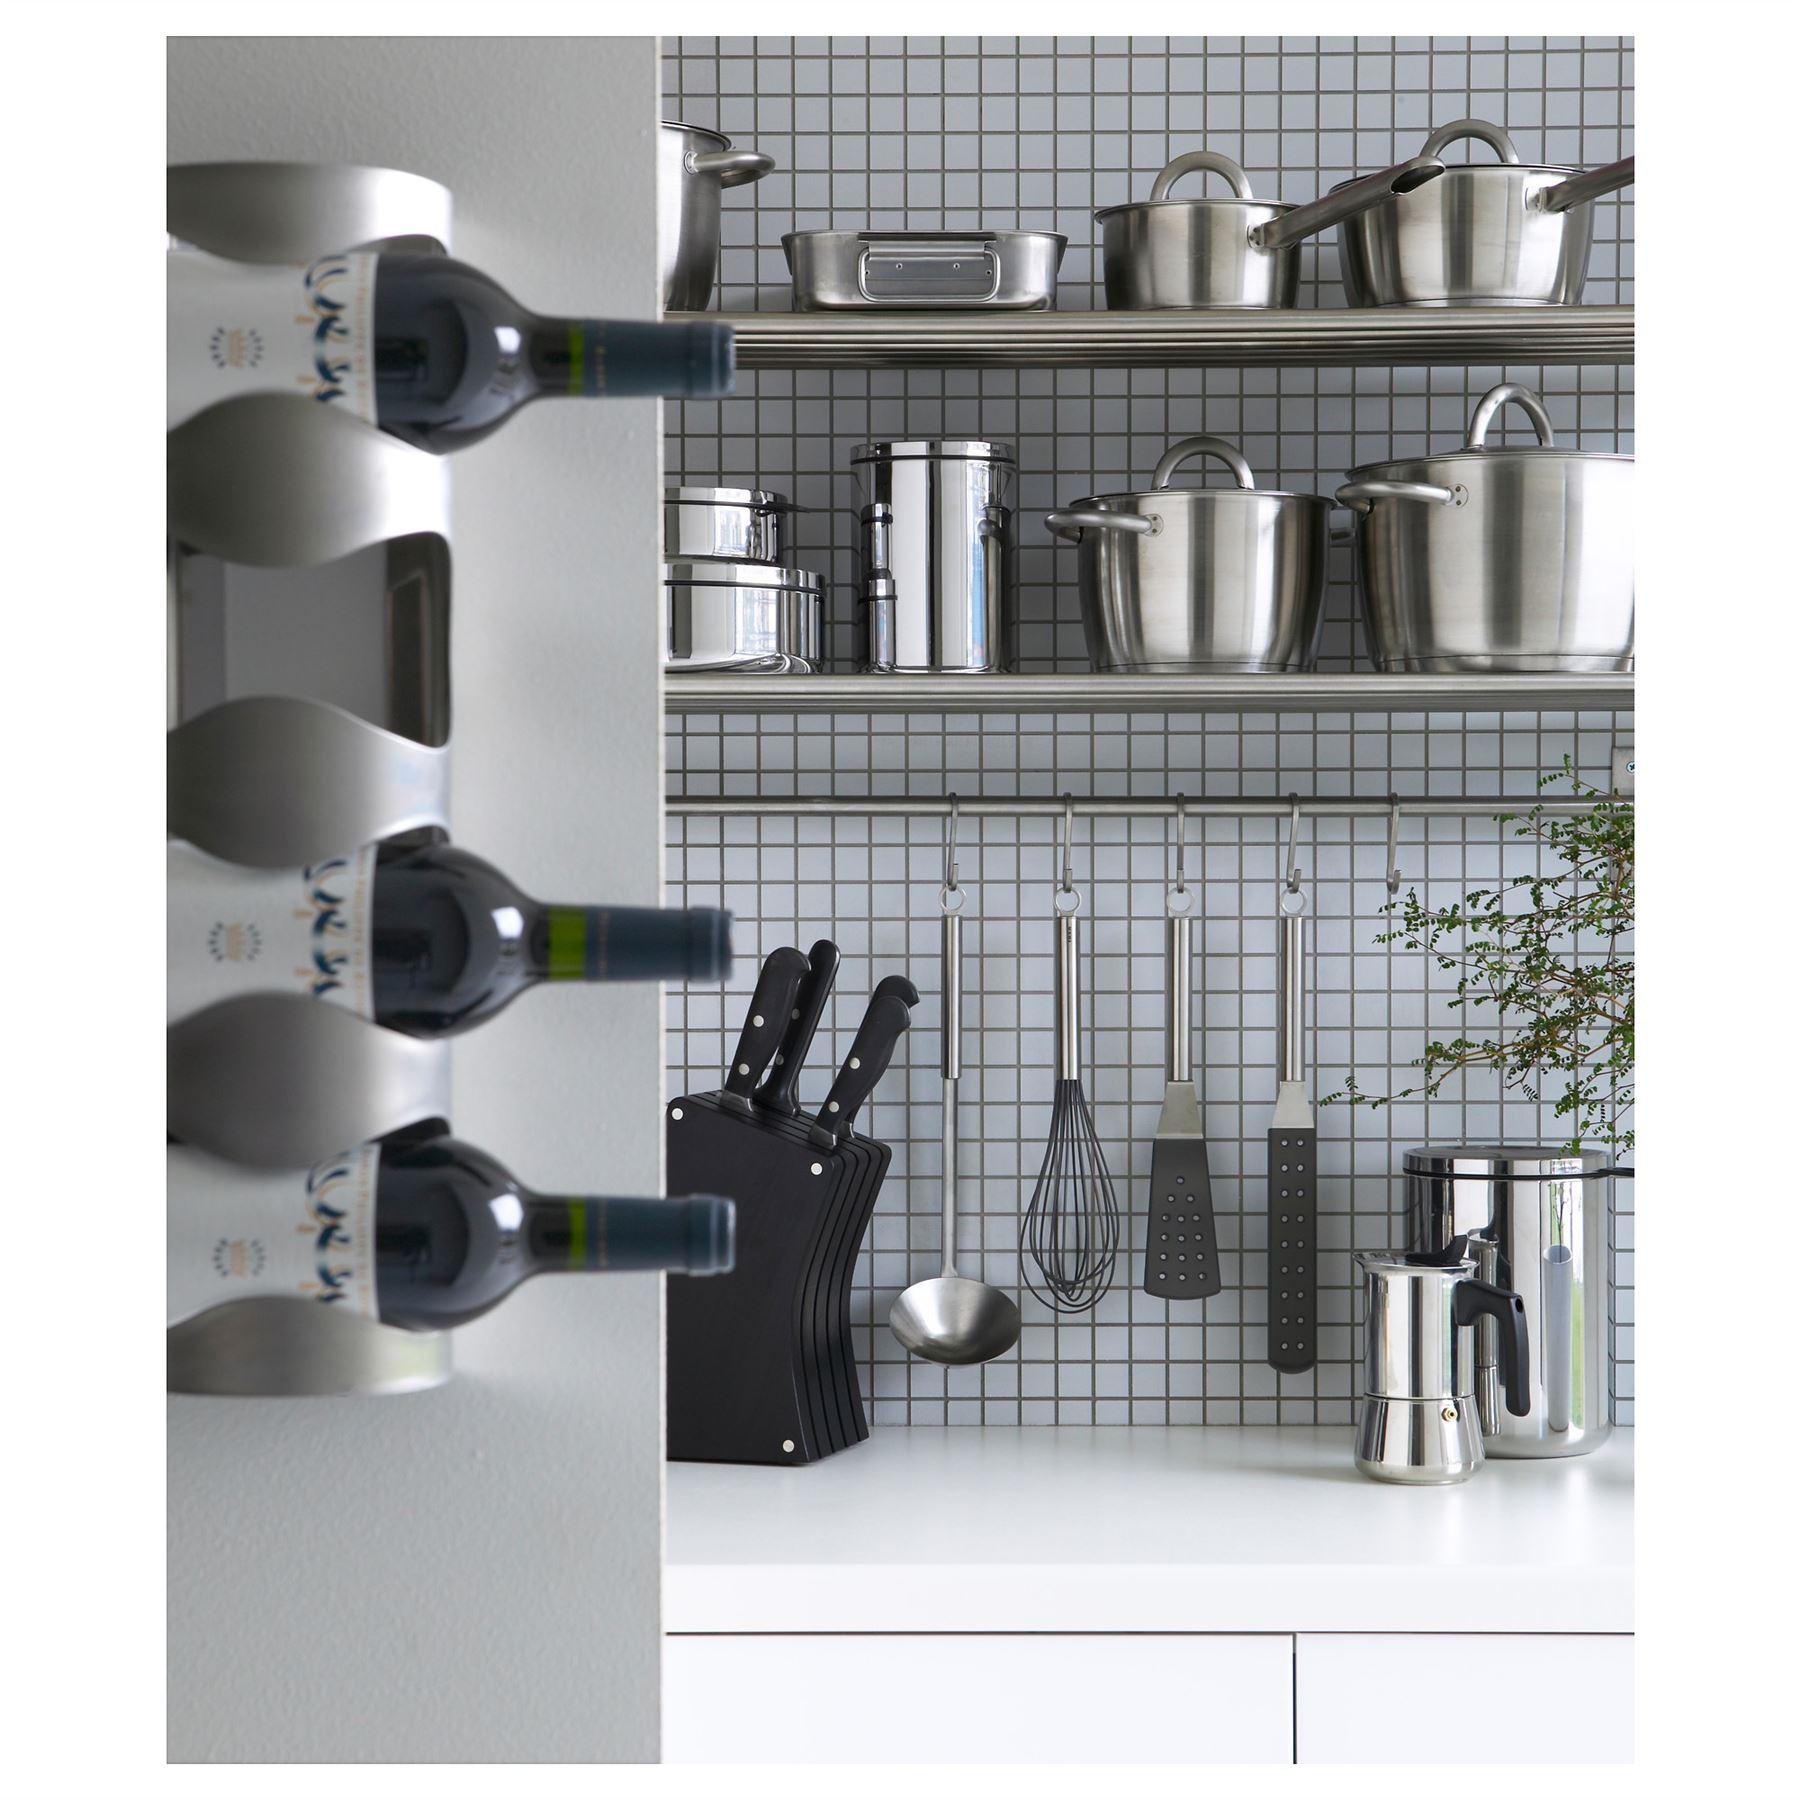 Ikea Vurm Stainless Steel 4 Bottle Wine Rack Wall Mount